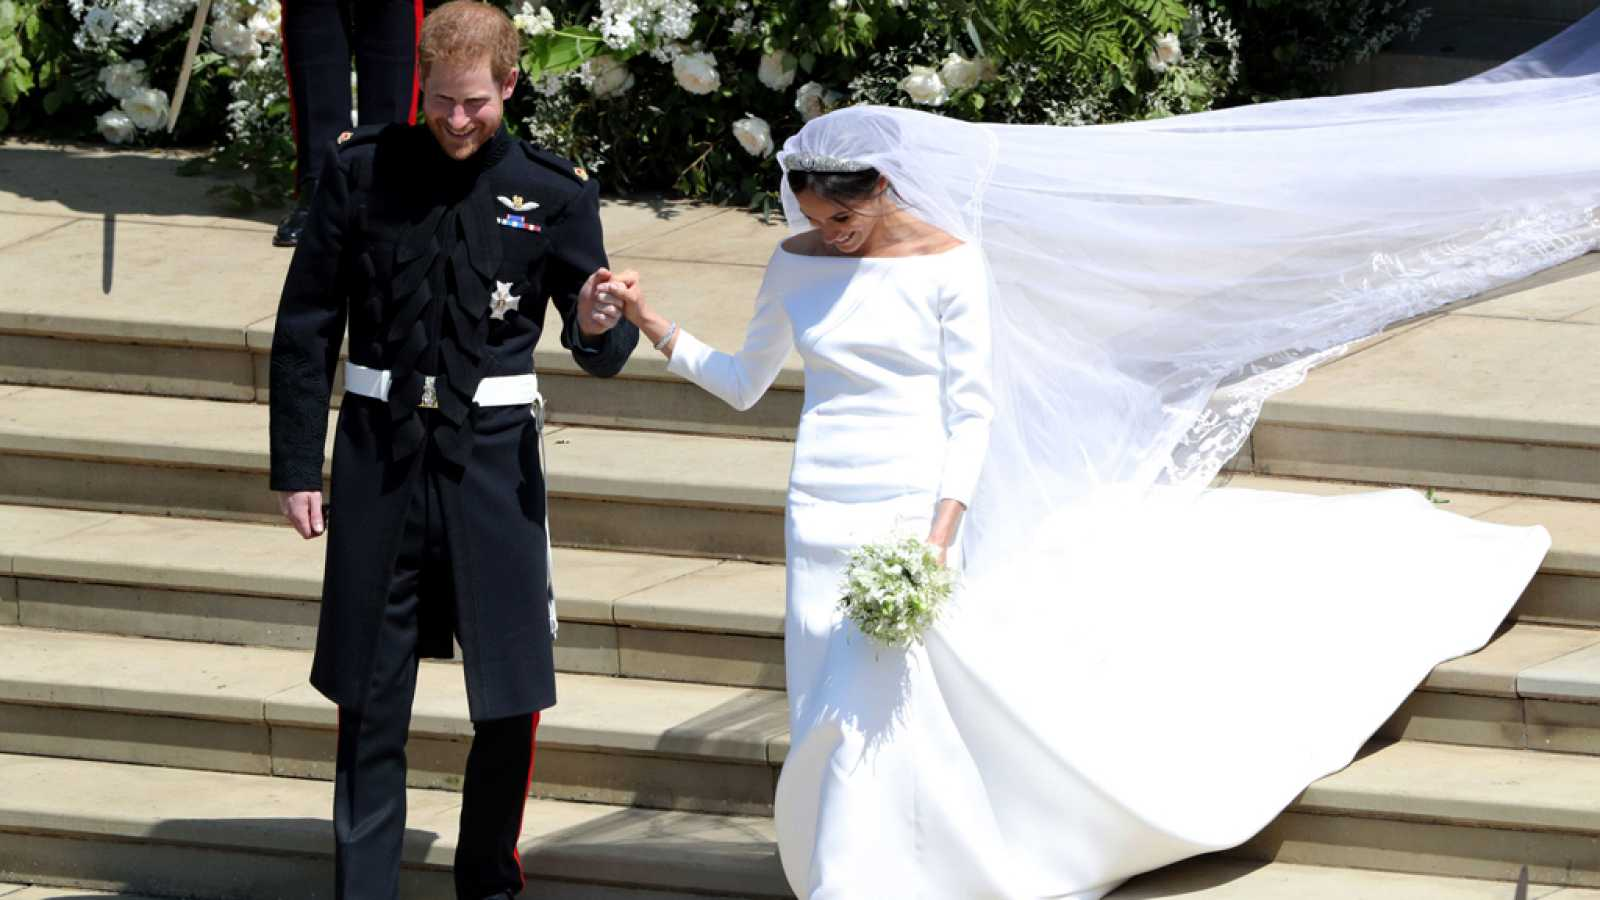 4d2446e78 Para todos los públicos El vestido de novia de Meghan Markle reproducir  video